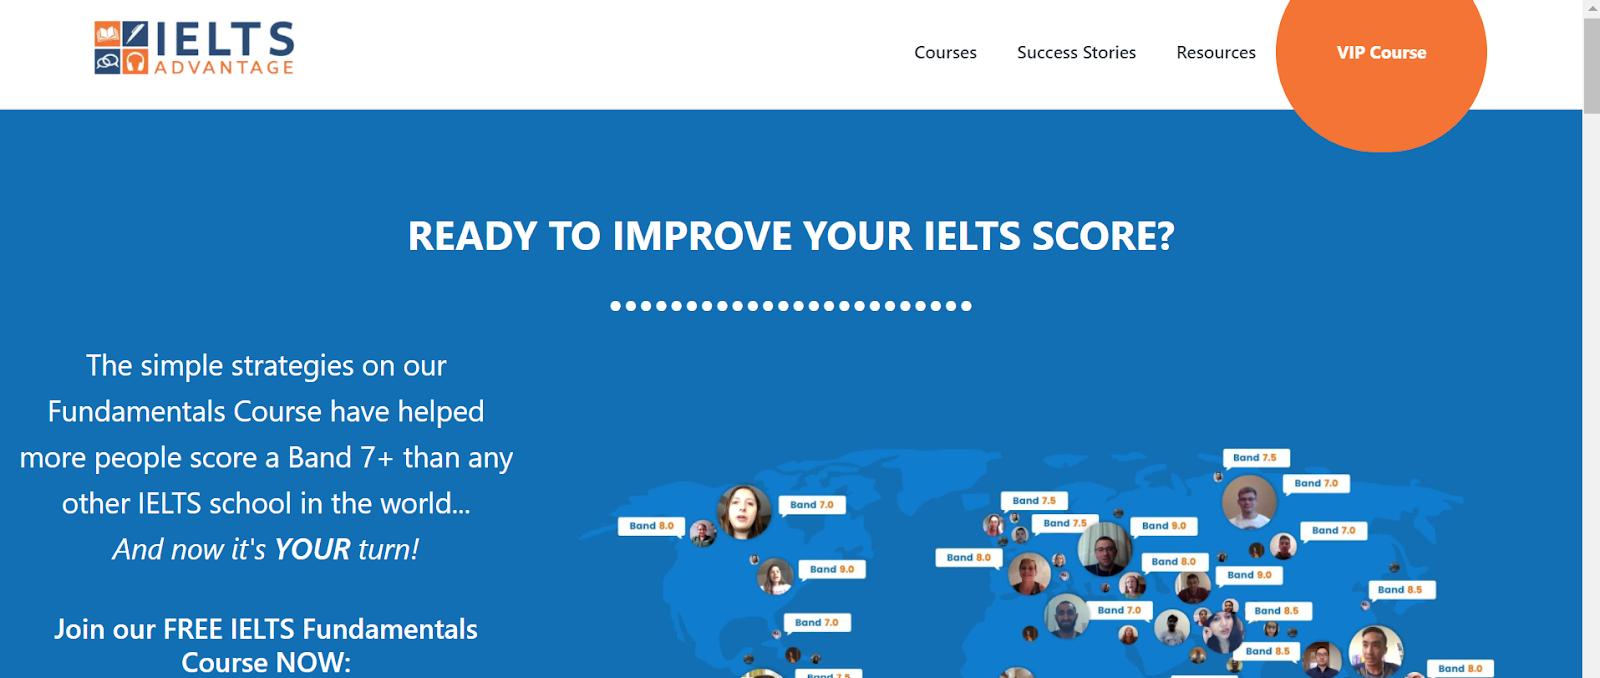 IELTS websites